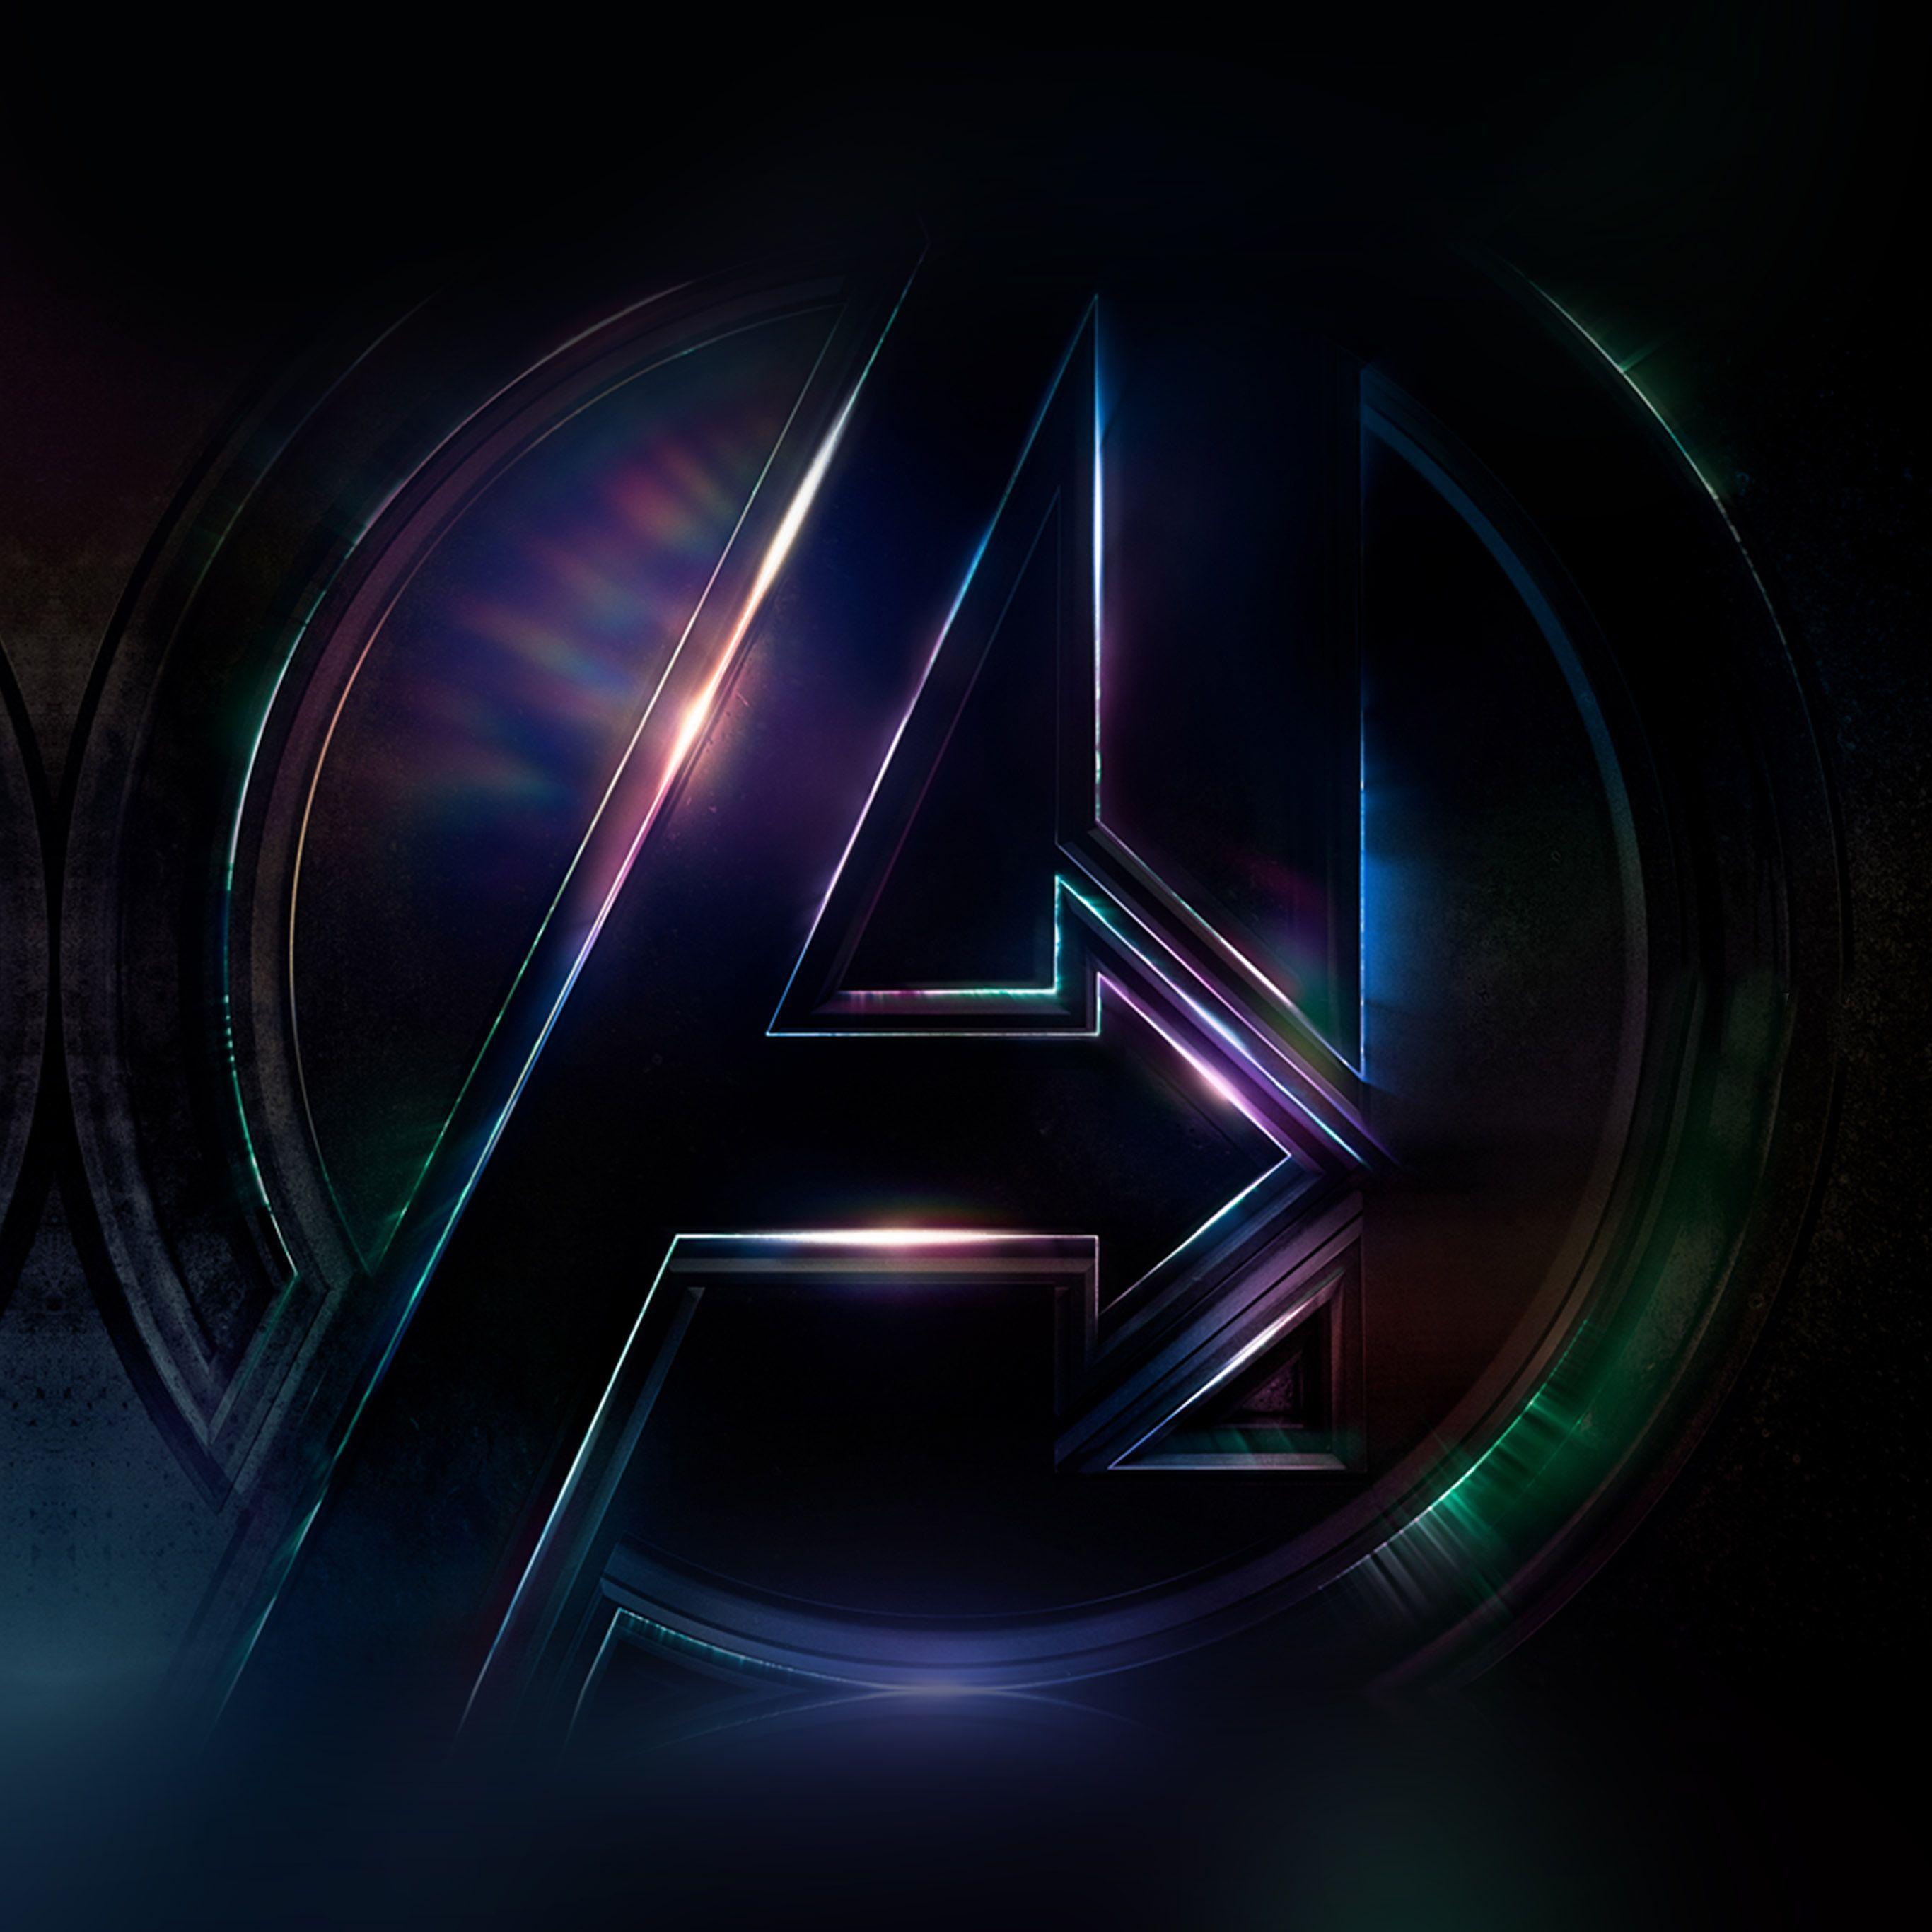 Avengers endgame logo wallpapers wallpaper cave - Avengers symbol wallpaper ...